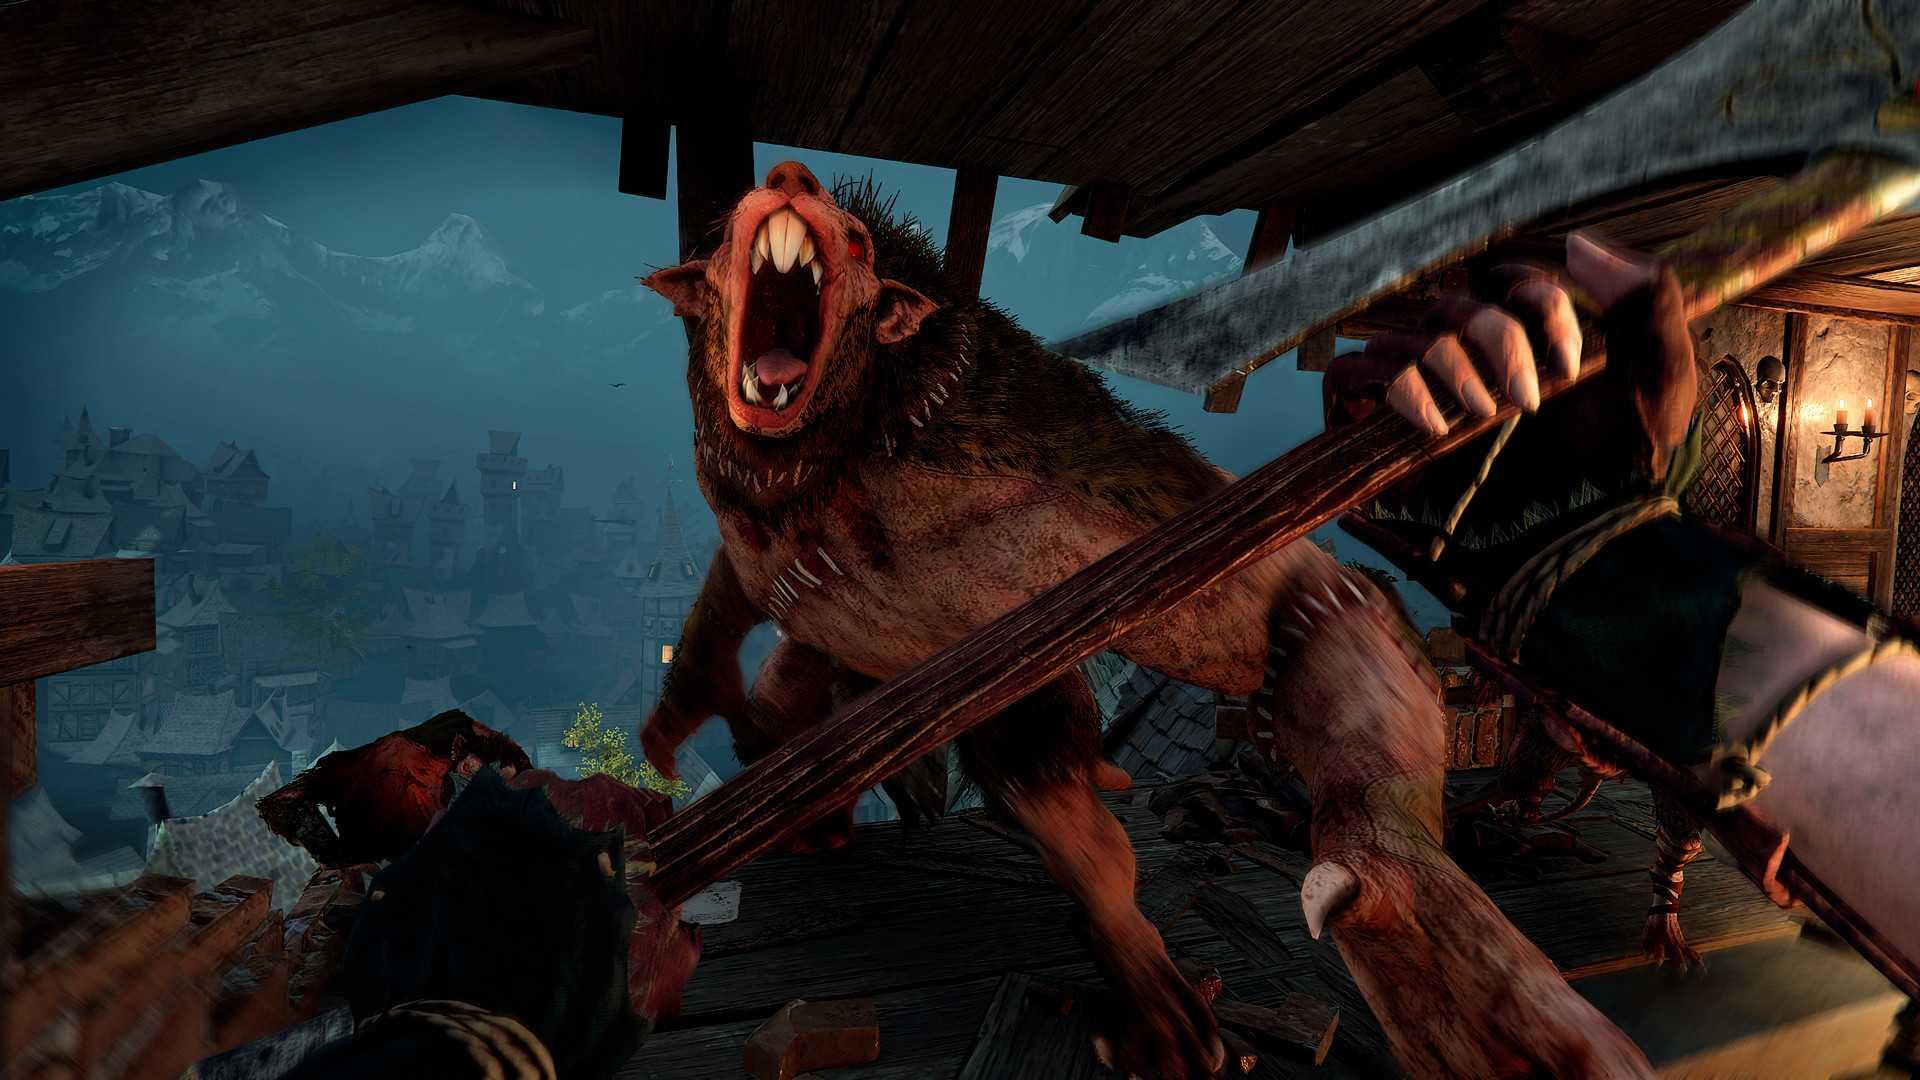 В Warhammer: Vermintide 2 можно играть бесплатно на выходных